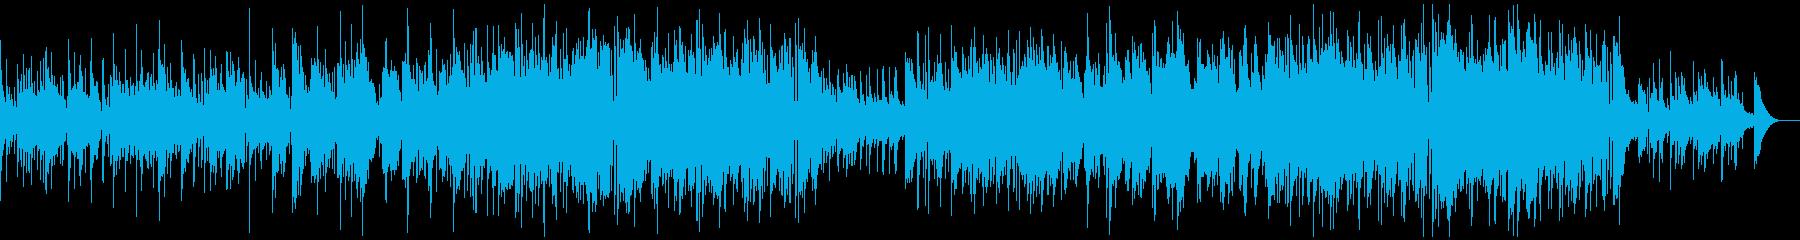 穏やかなアコースティックバンドのポップスの再生済みの波形